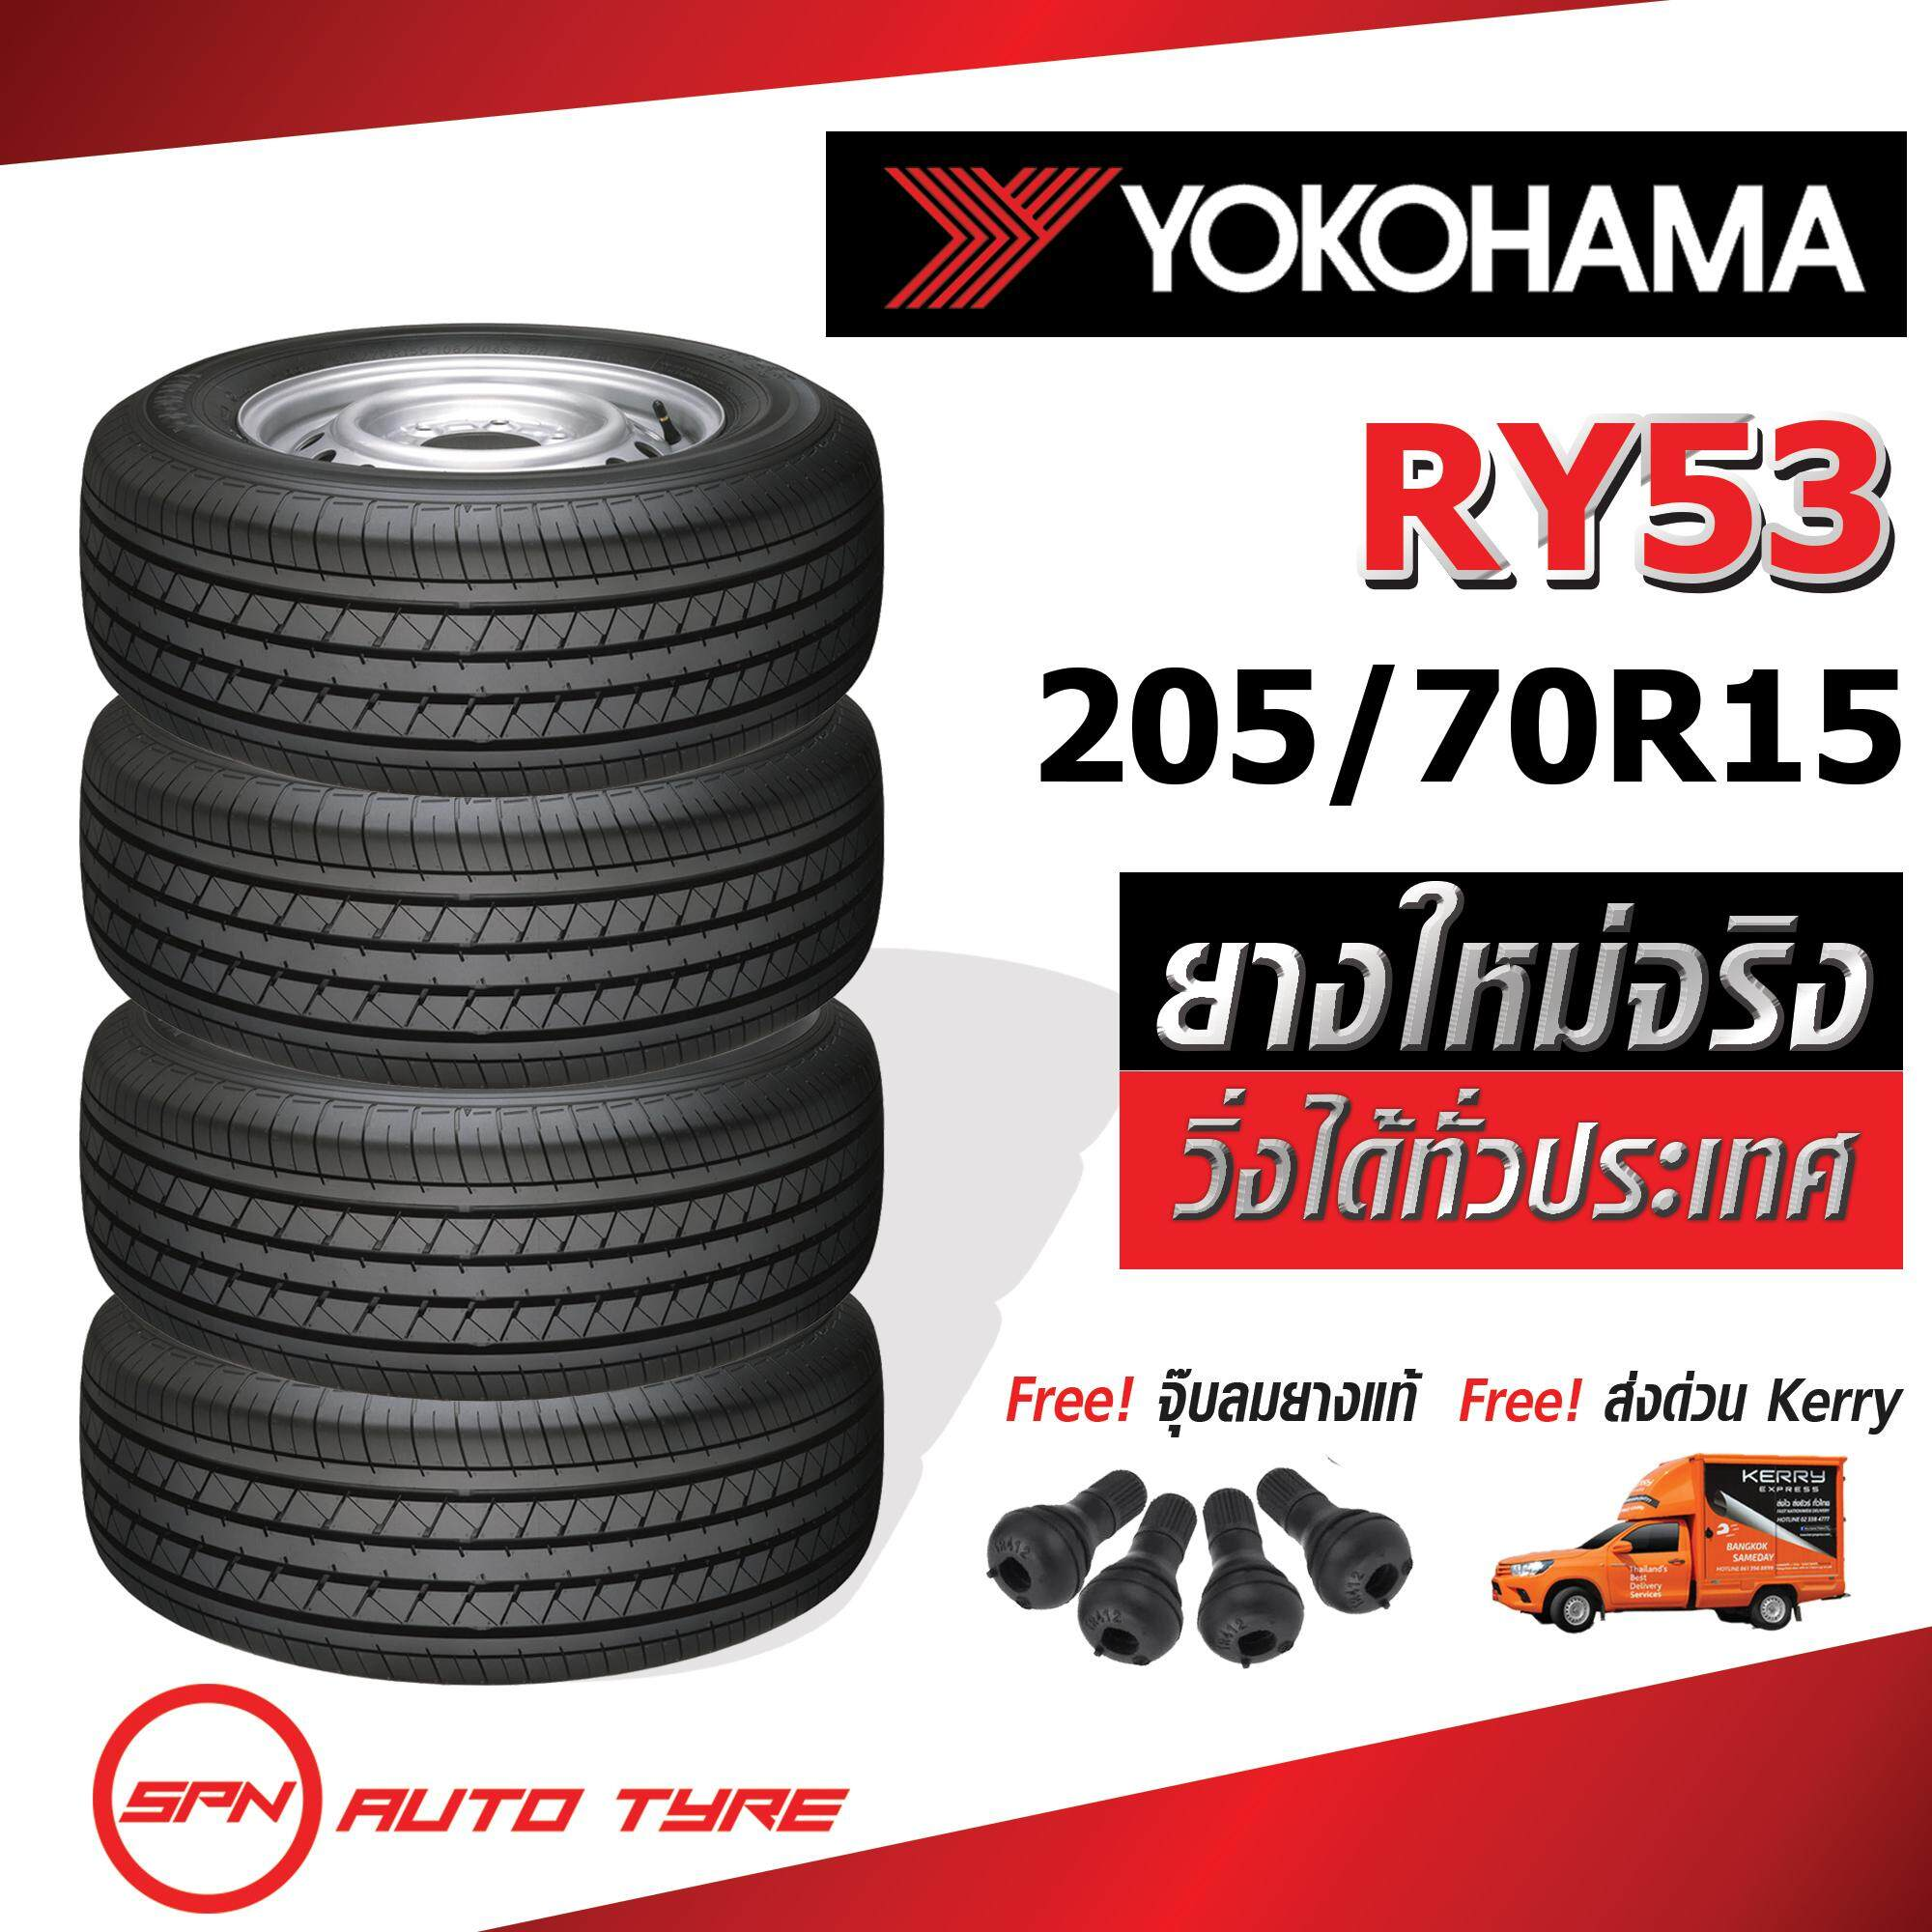 ประกันภัย รถยนต์ ชั้น 3 ราคา ถูก เพชรบุรี Yokohama RY53 205/70R15 4 เส้น